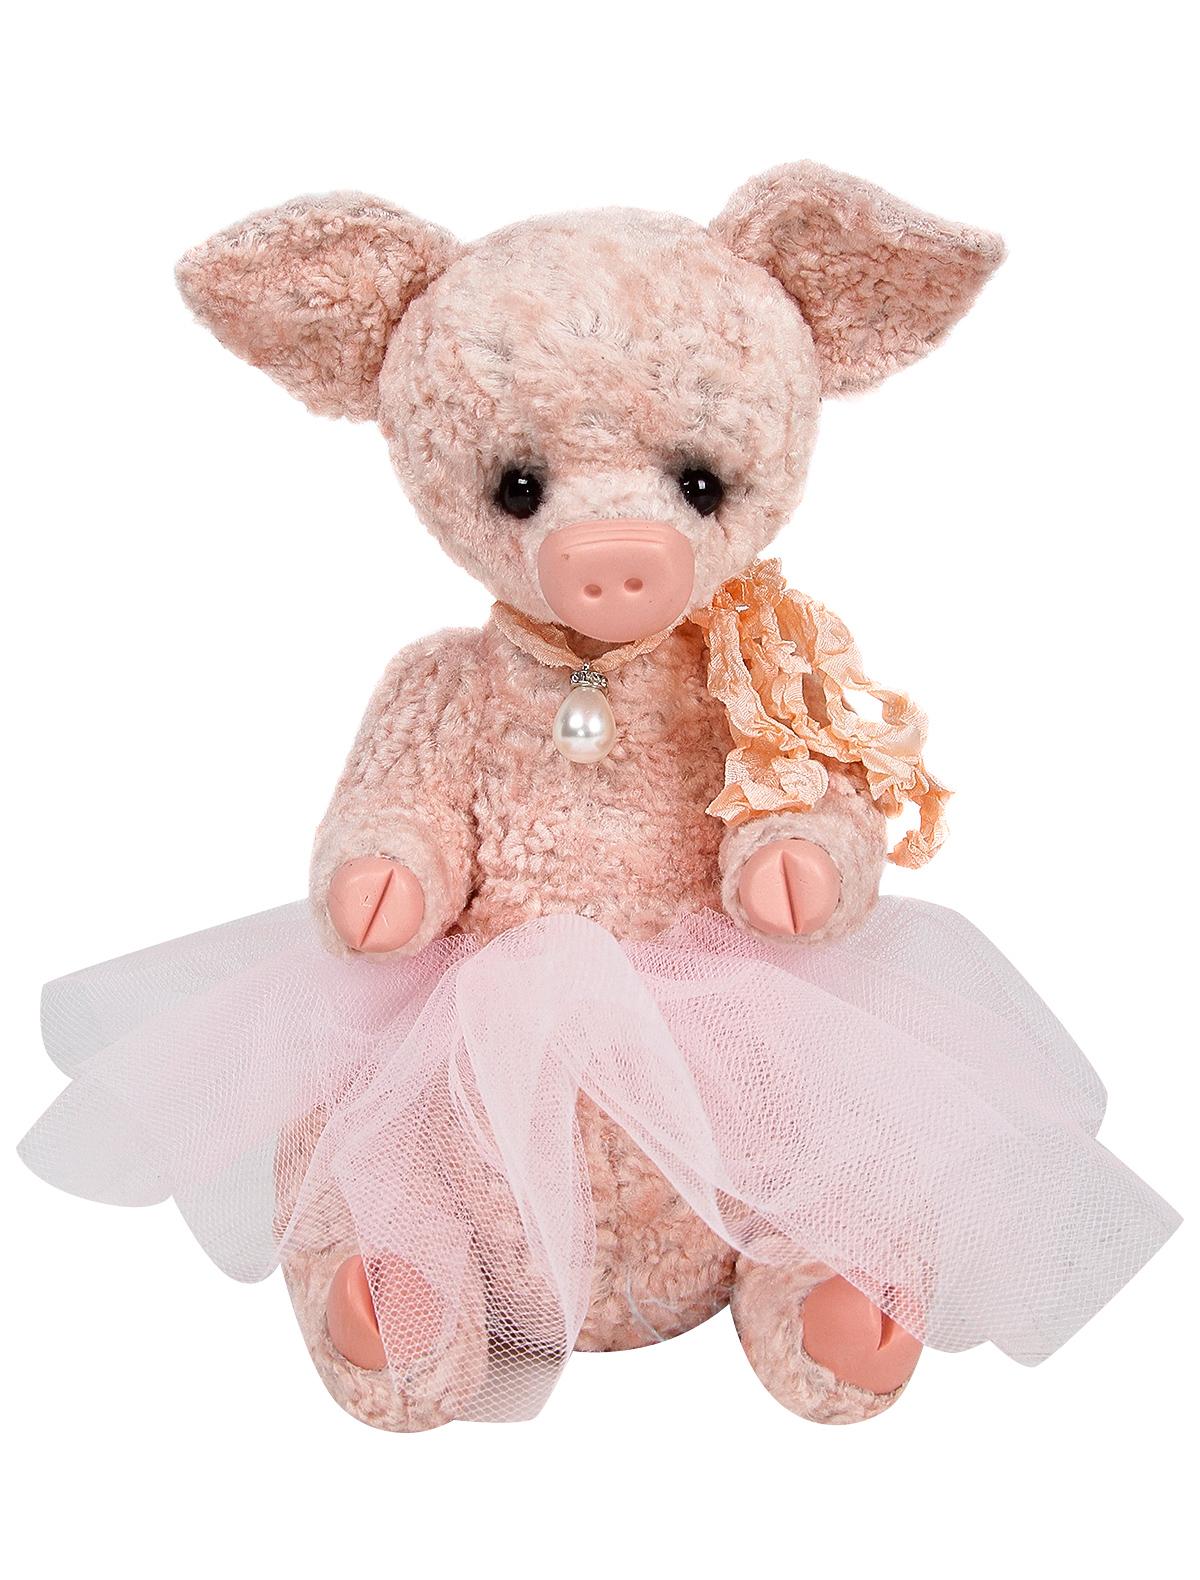 Купить 2147295, Игрушка мягкая Carolon, розовый, 7122620980128